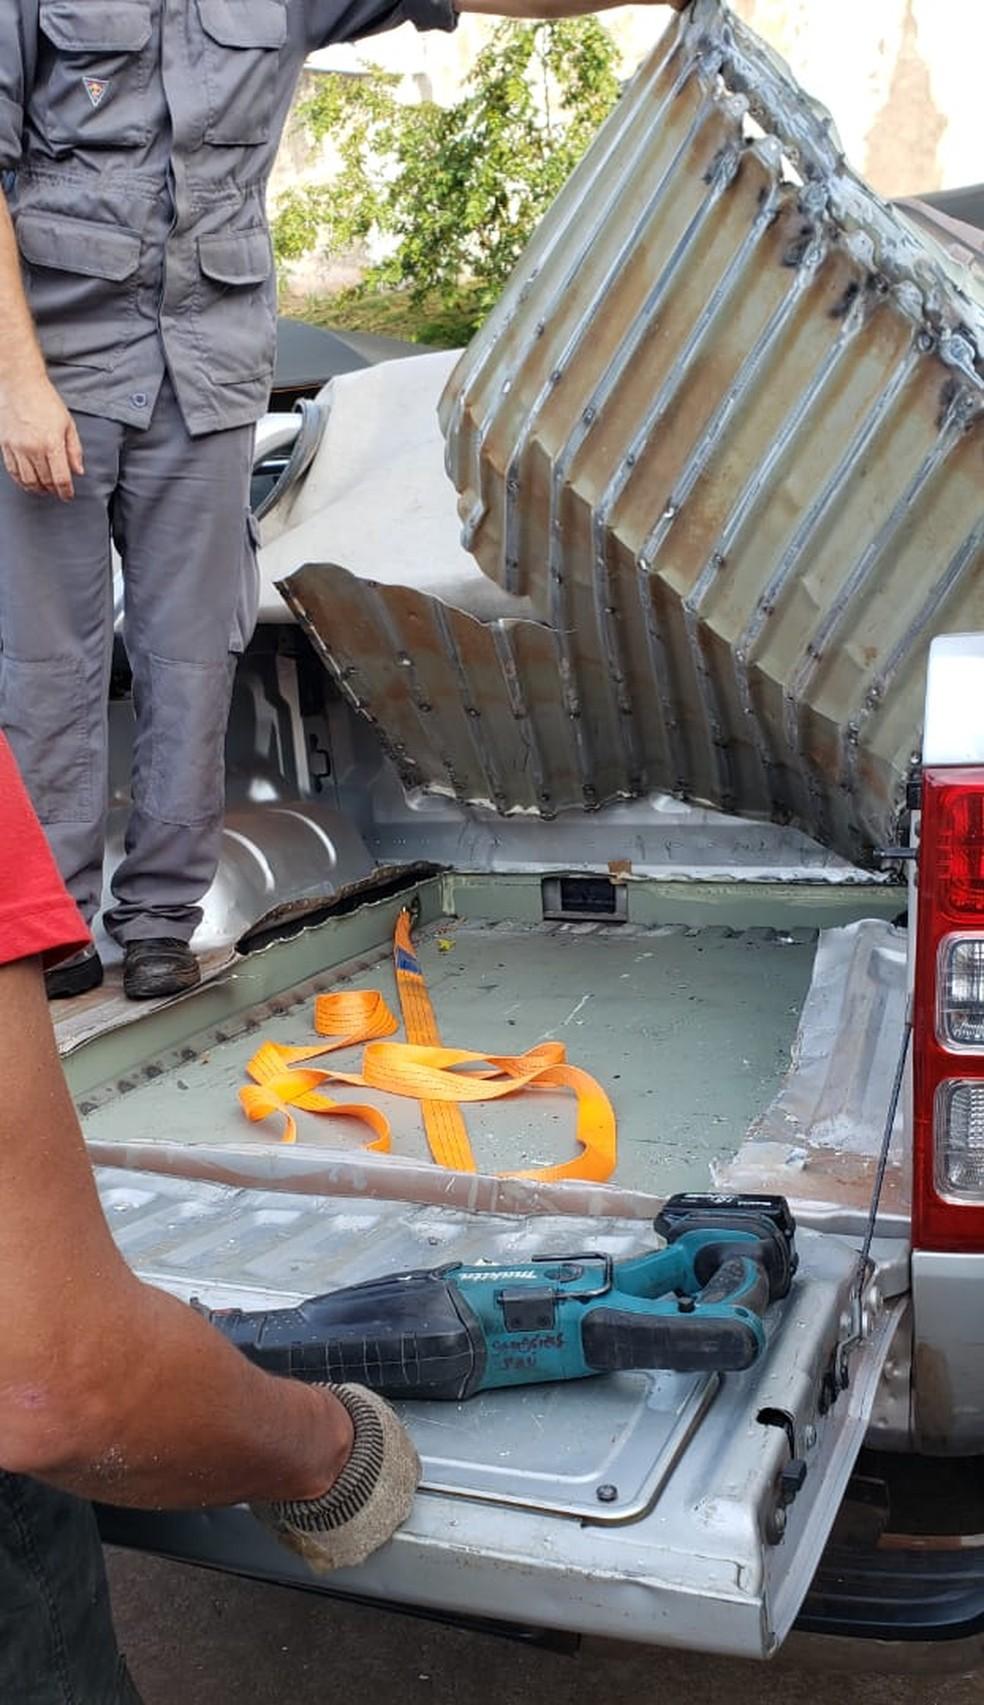 Suspeitos tinham idades entre 18 e 27 anos e foram levados à CPJ de Jaú — Foto: Polícia Civil/Divulgação